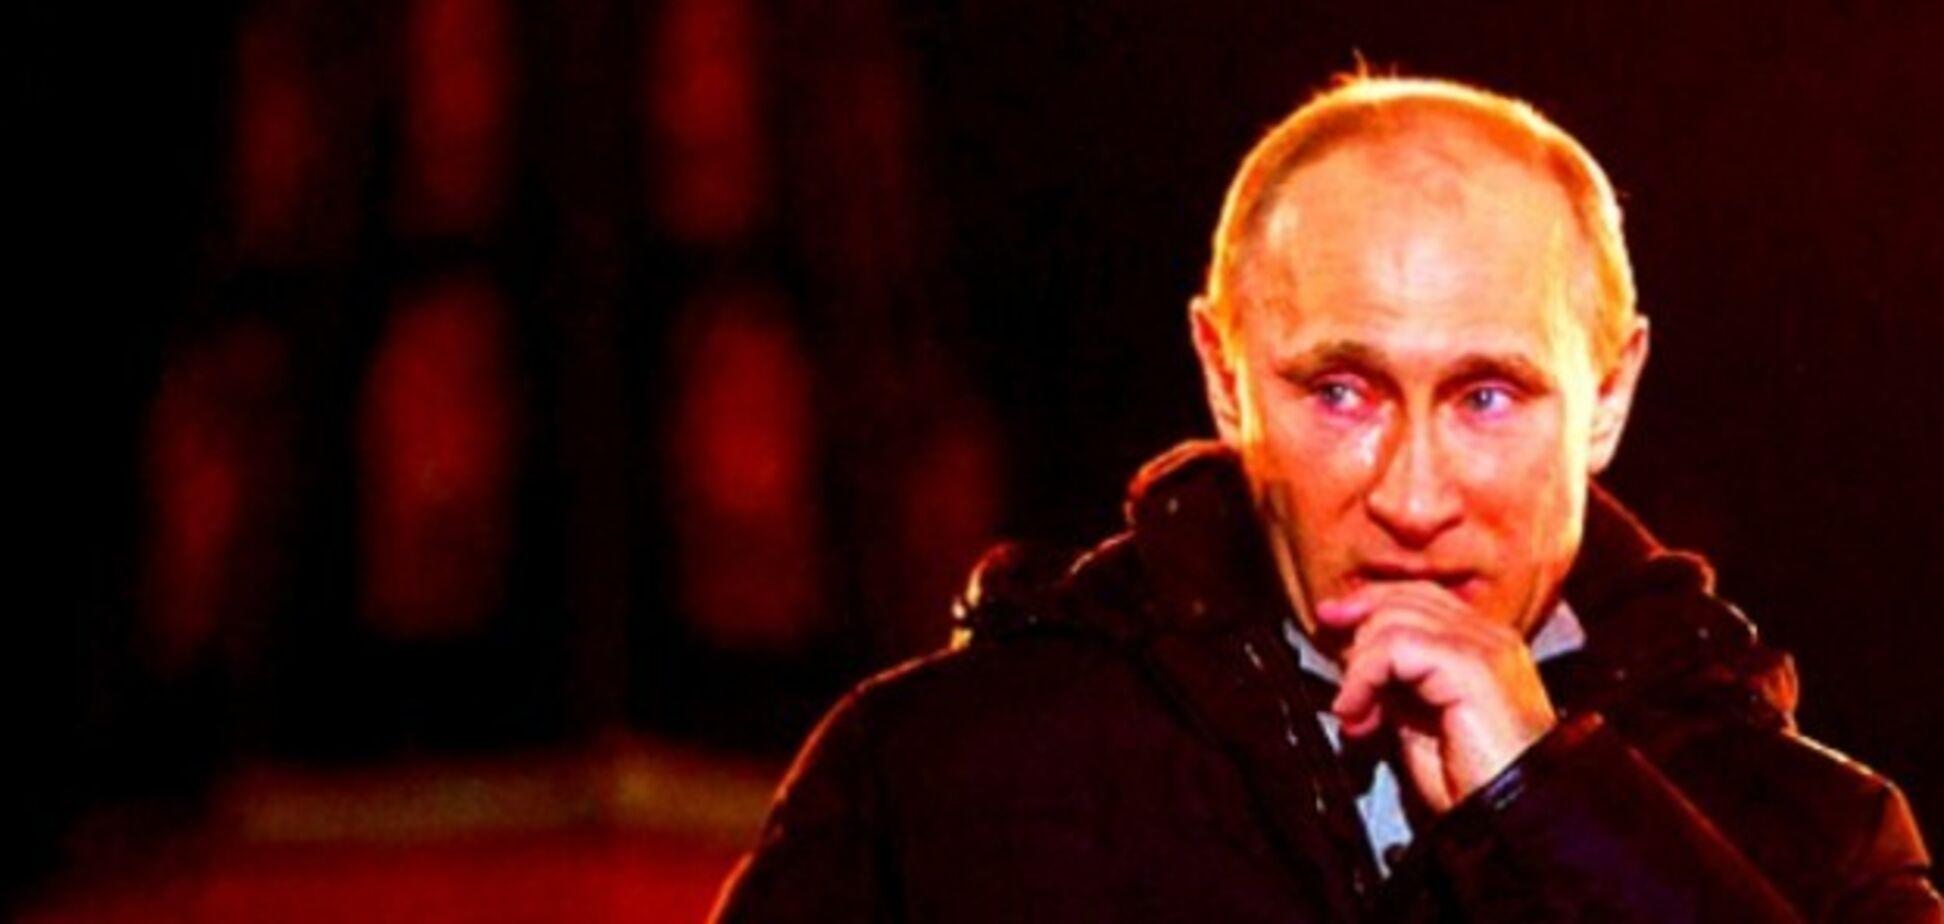 Треть россиян против Путина: обнародован провальный рейтинг президента РФ